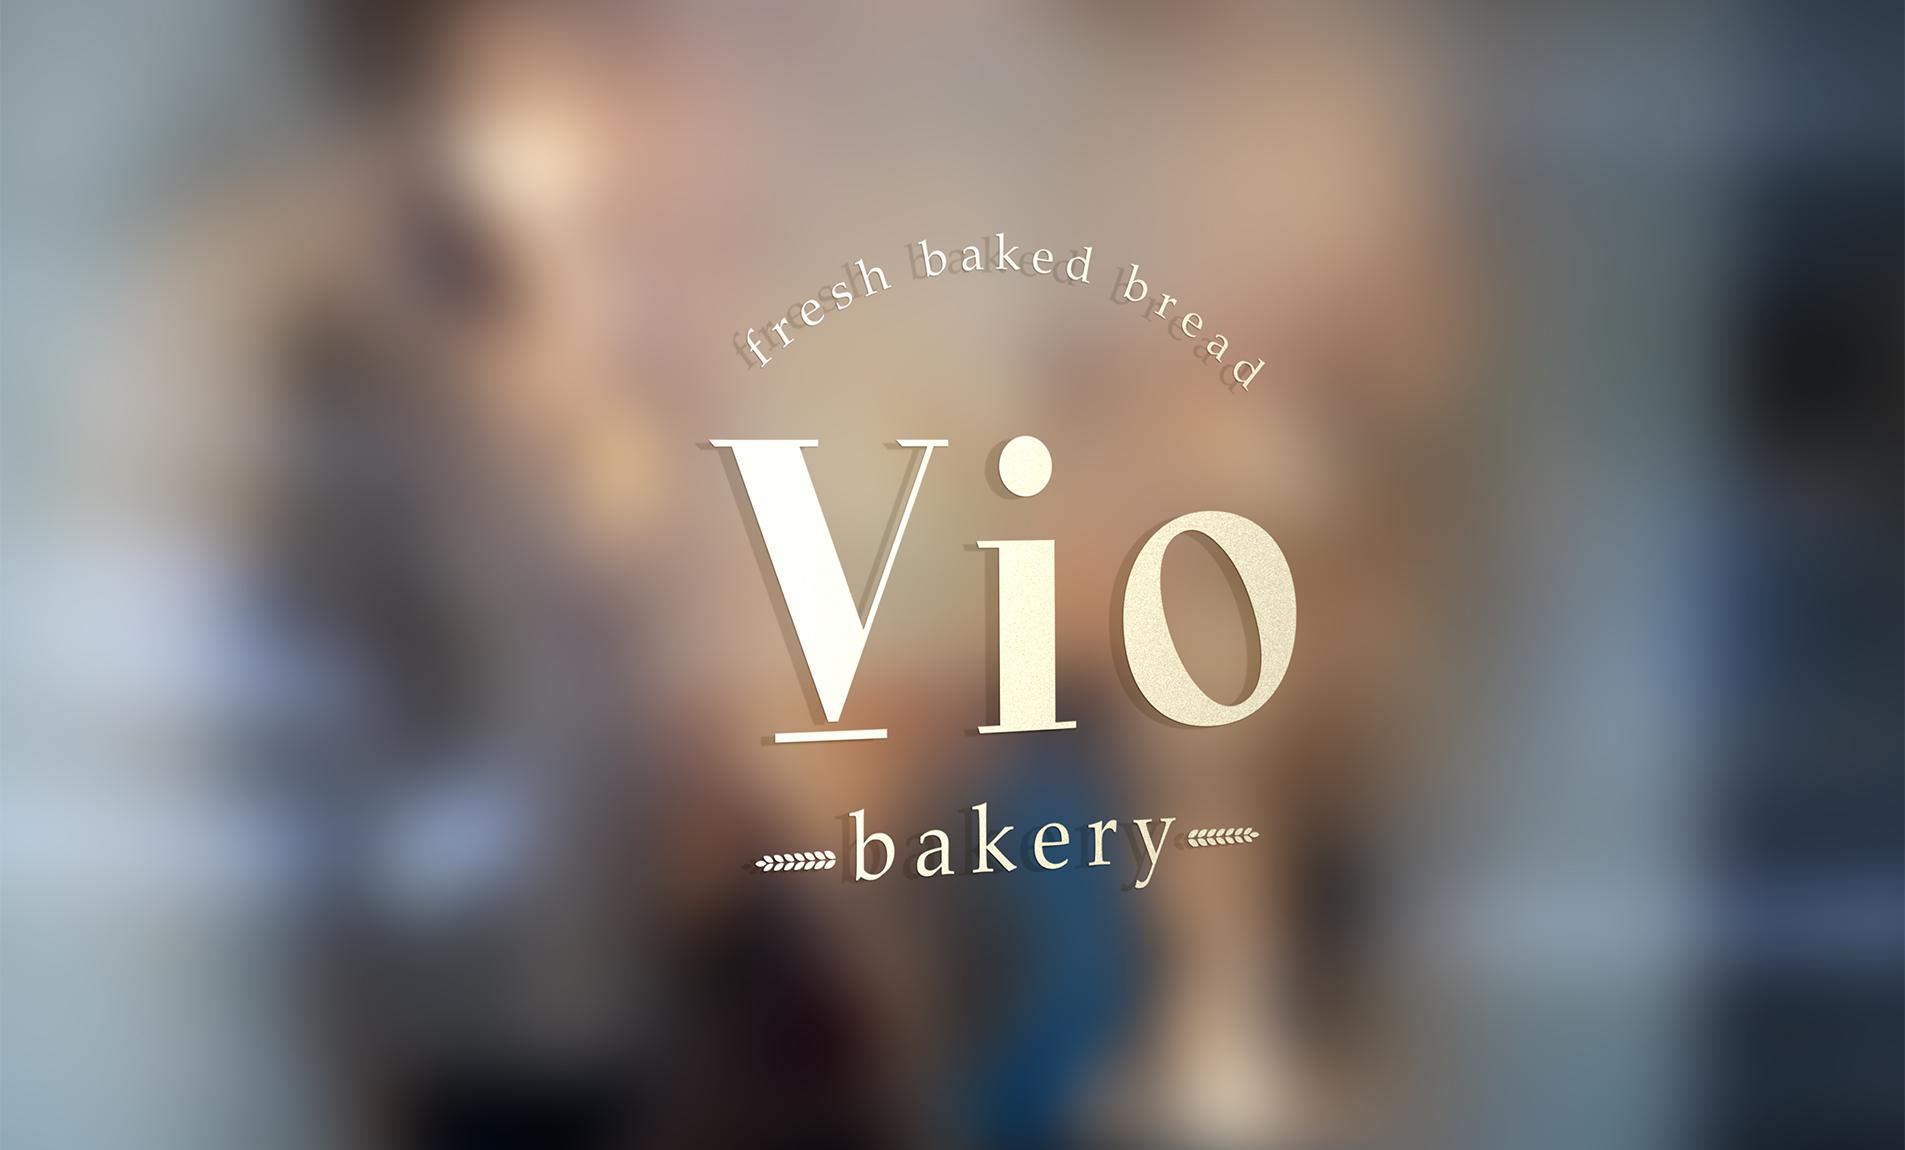 logo shop bakery